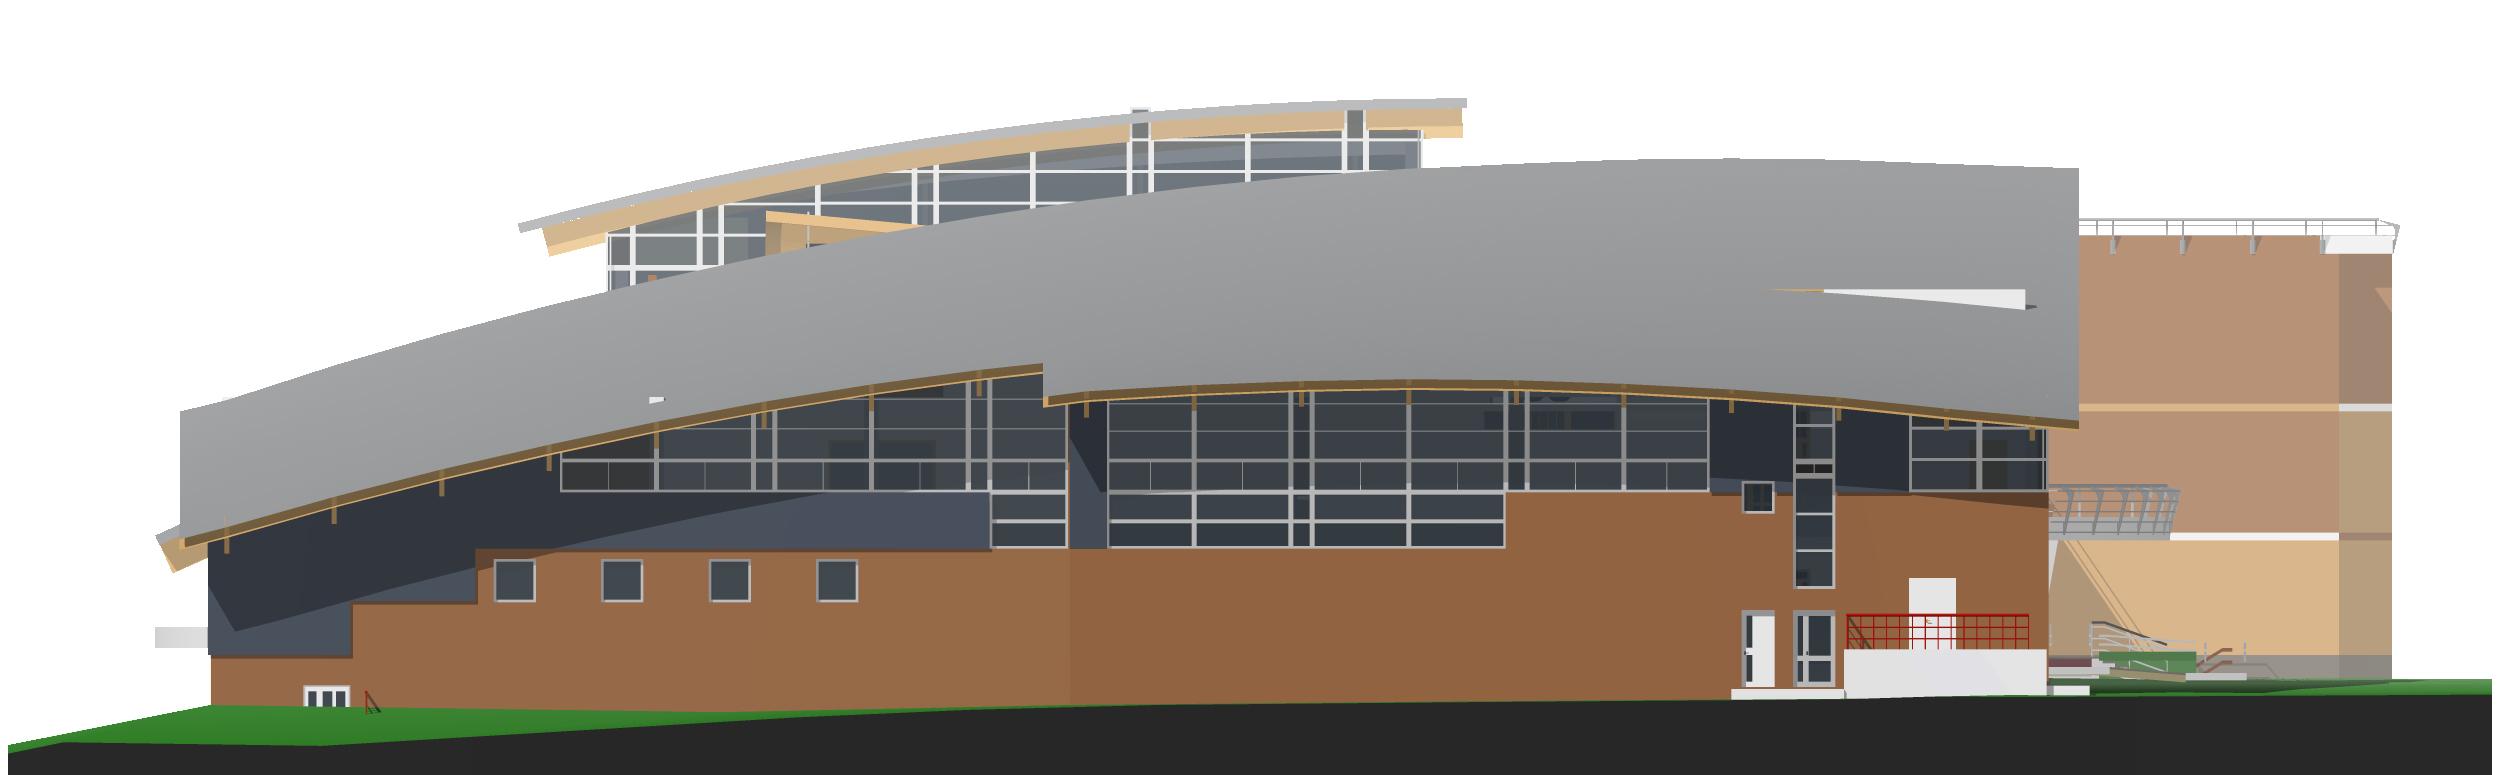 school-model-2a4-j3.jpg